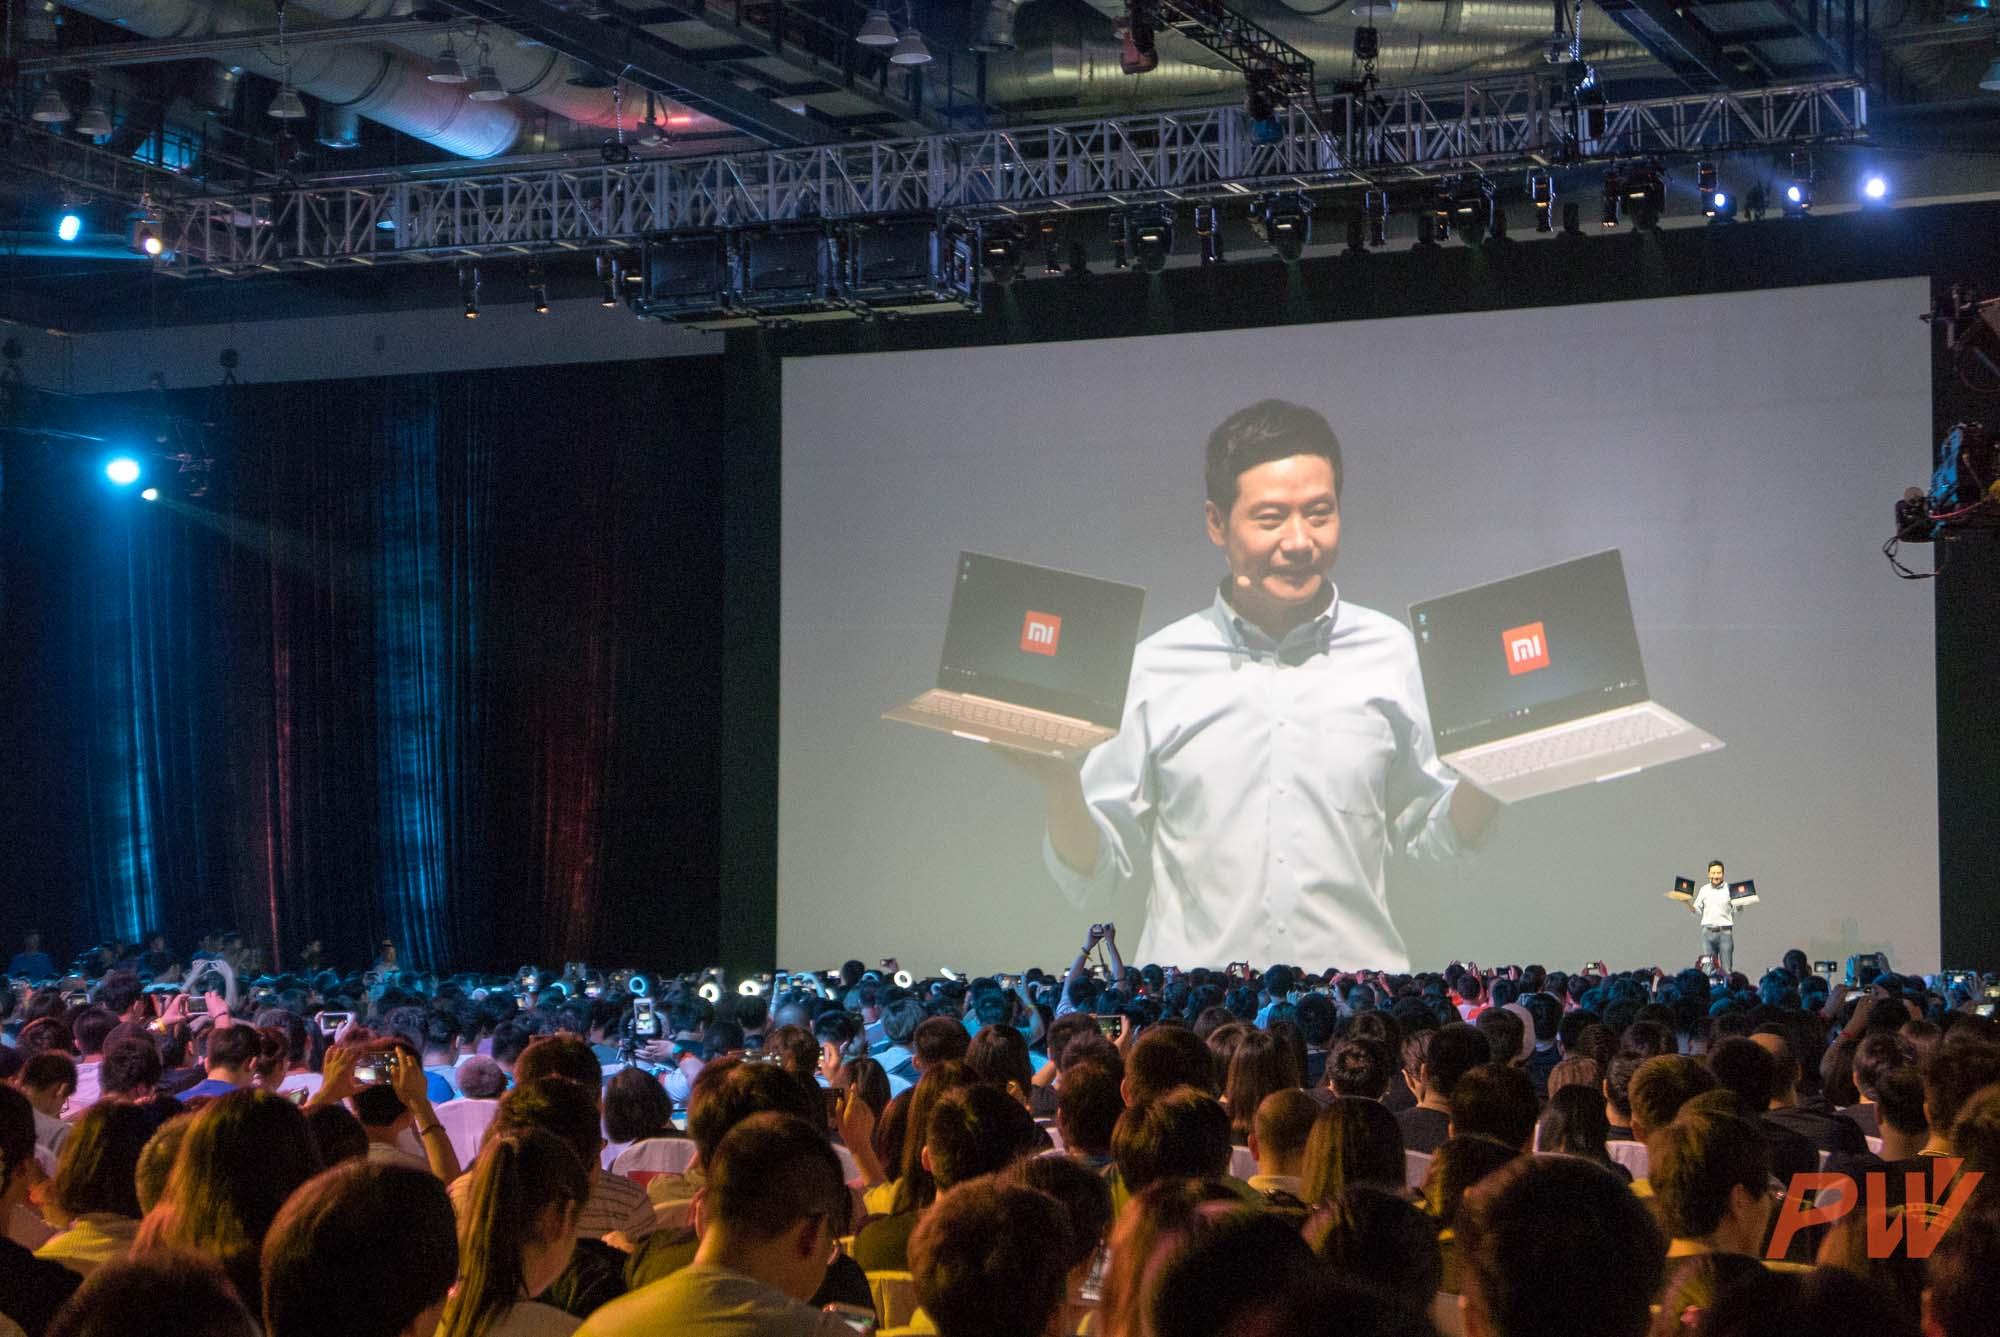 xiaomi Air Laptop PingWest Photo by Hao Ying